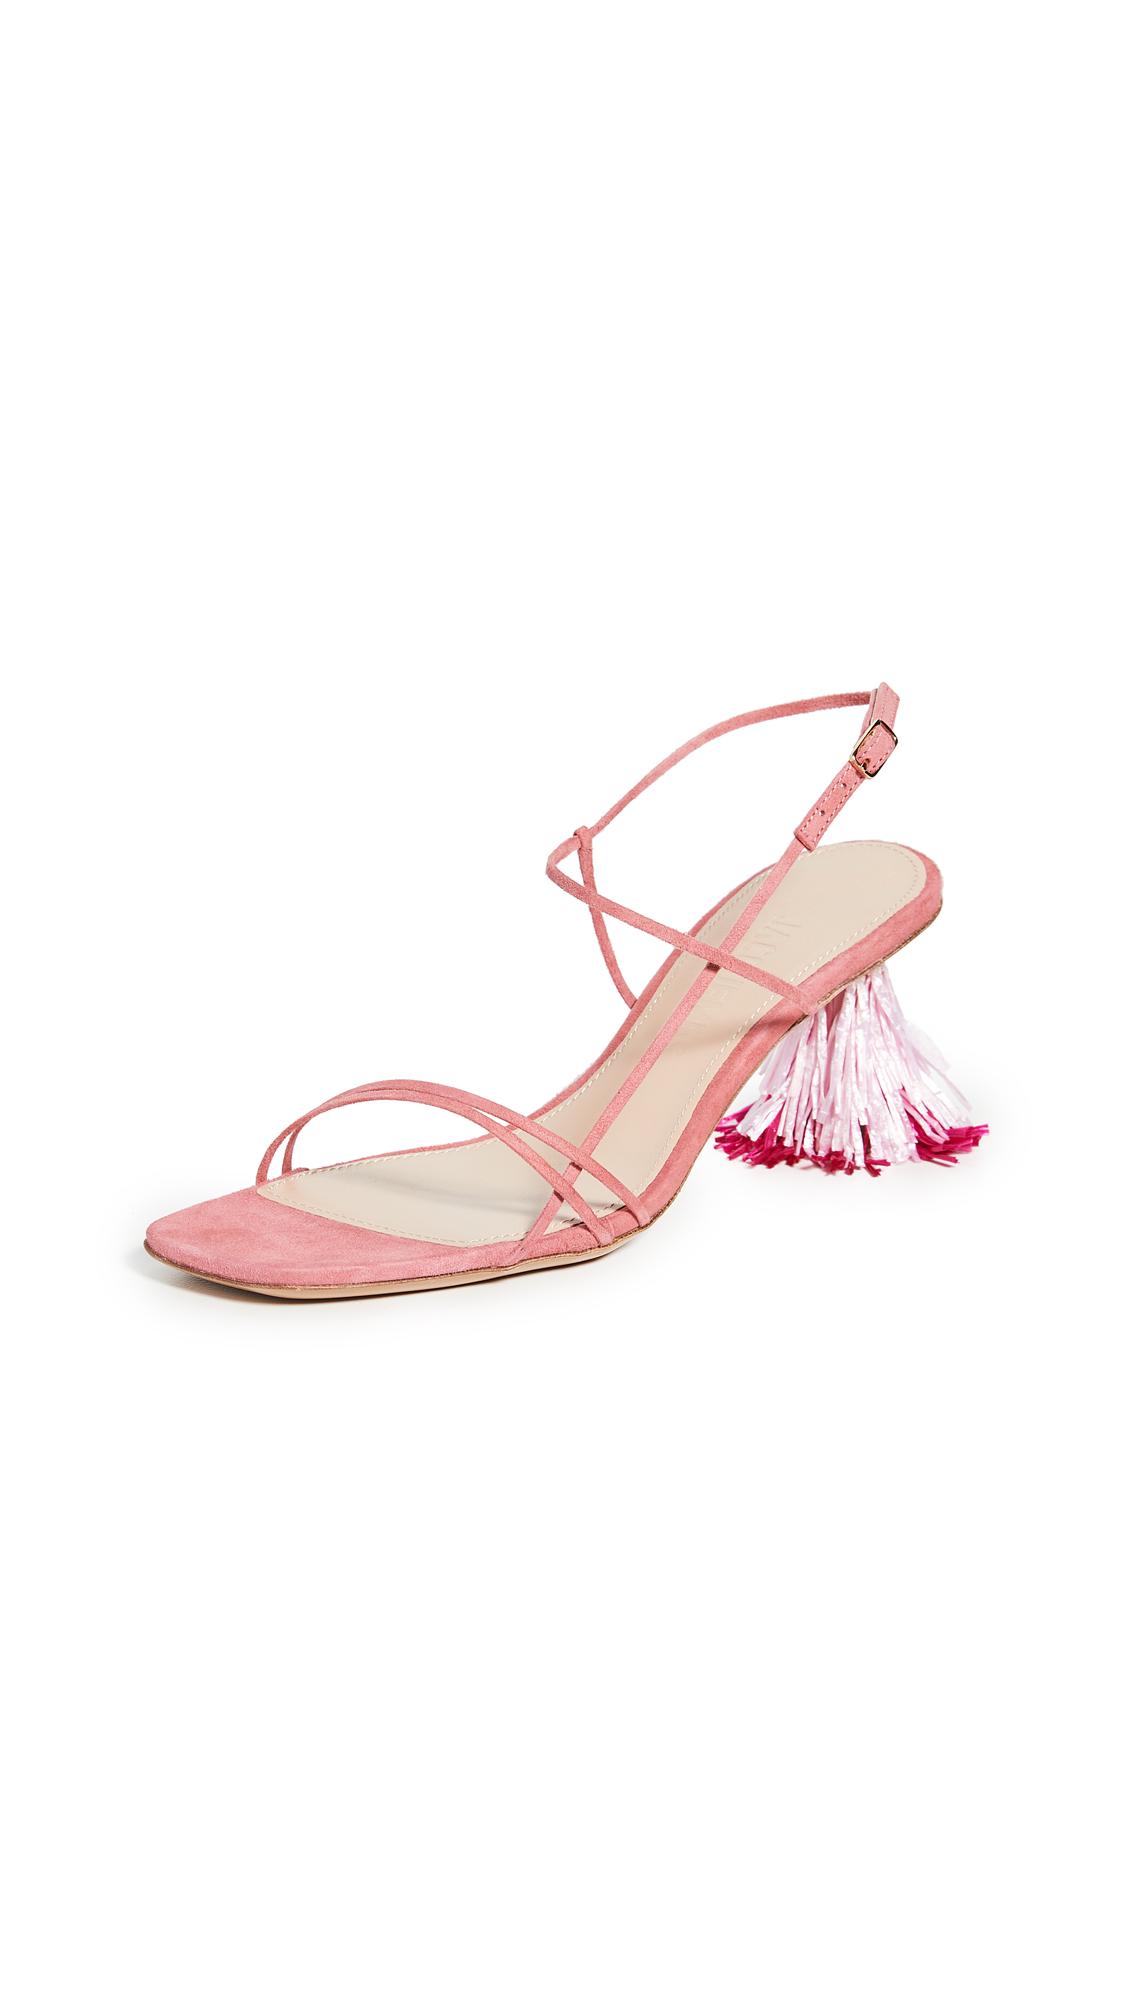 Buy Jacquemus Les Raphia Sandals online, shop Jacquemus